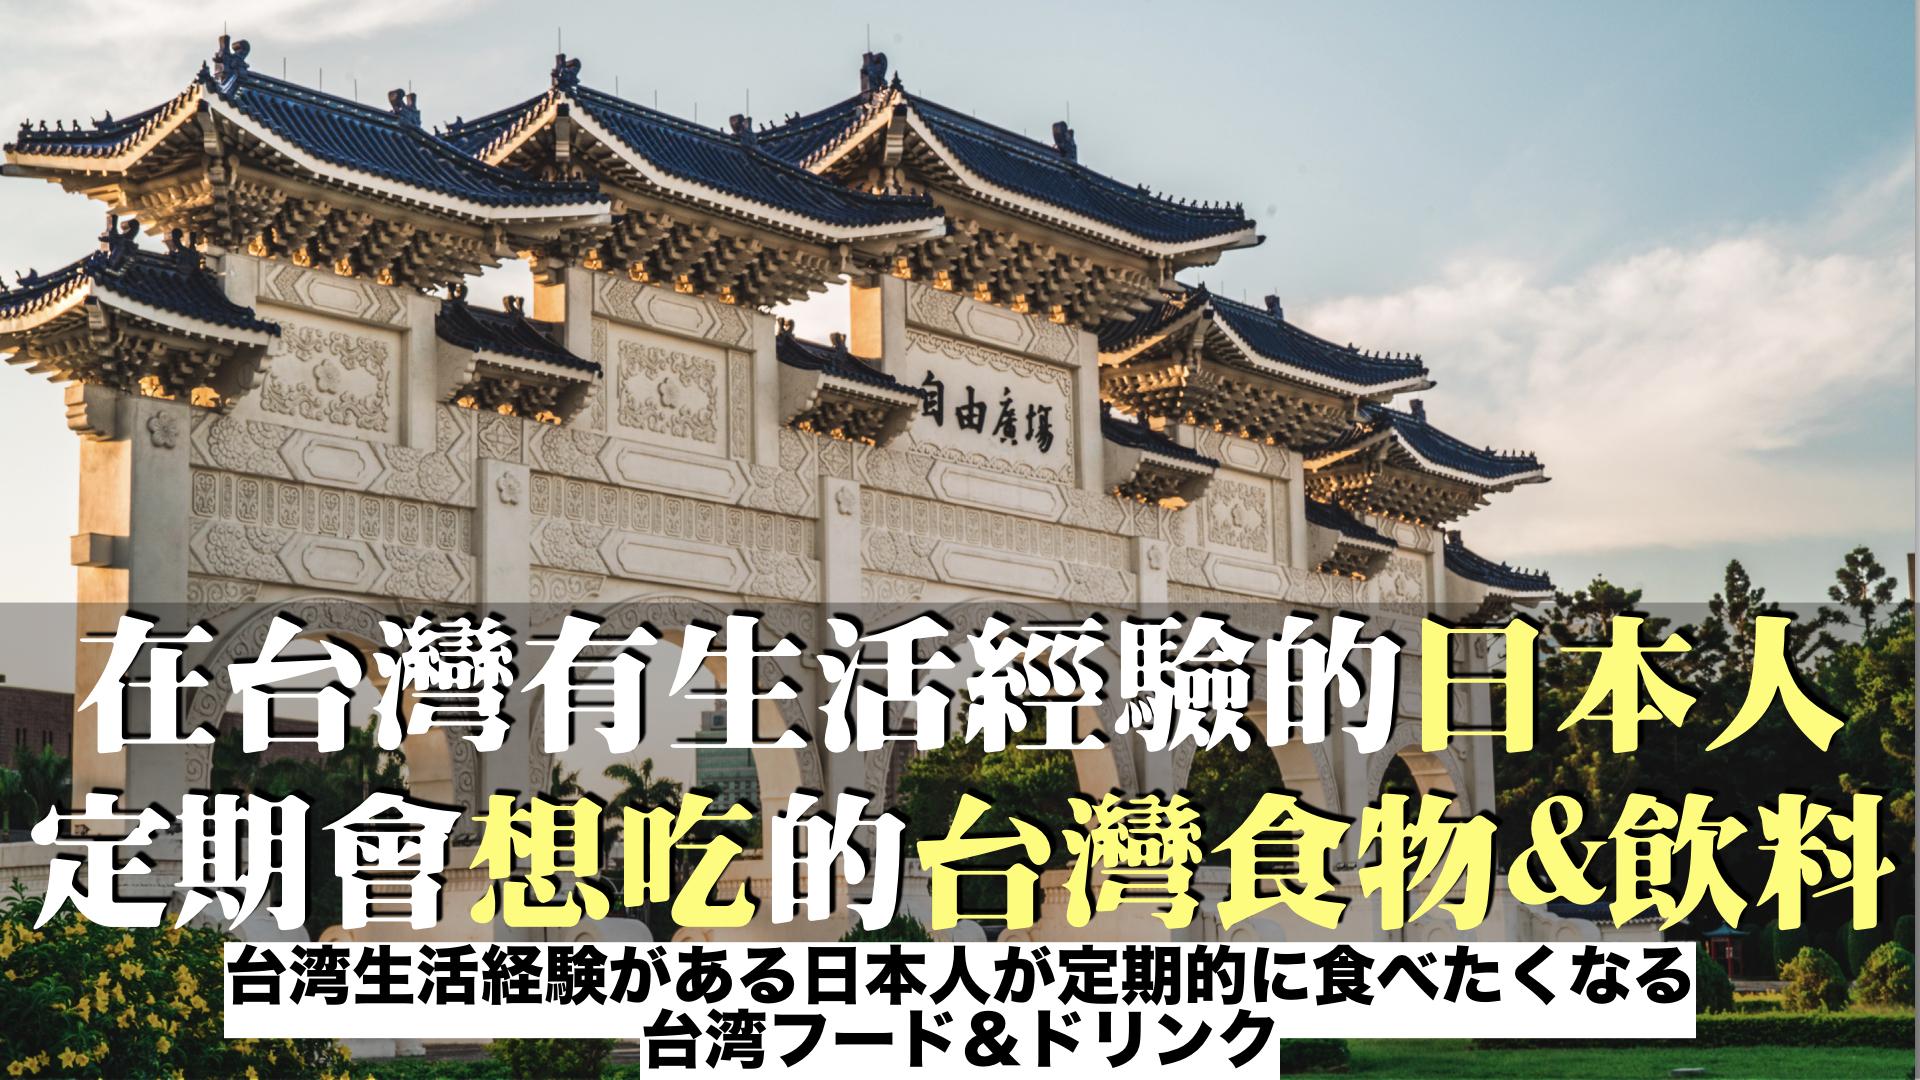 在台灣有生活經驗的日本人定期會想吃的台灣食物&飲料/台湾生活経験がある日本人が定期的に食べたくなる台湾フード&ドリンク